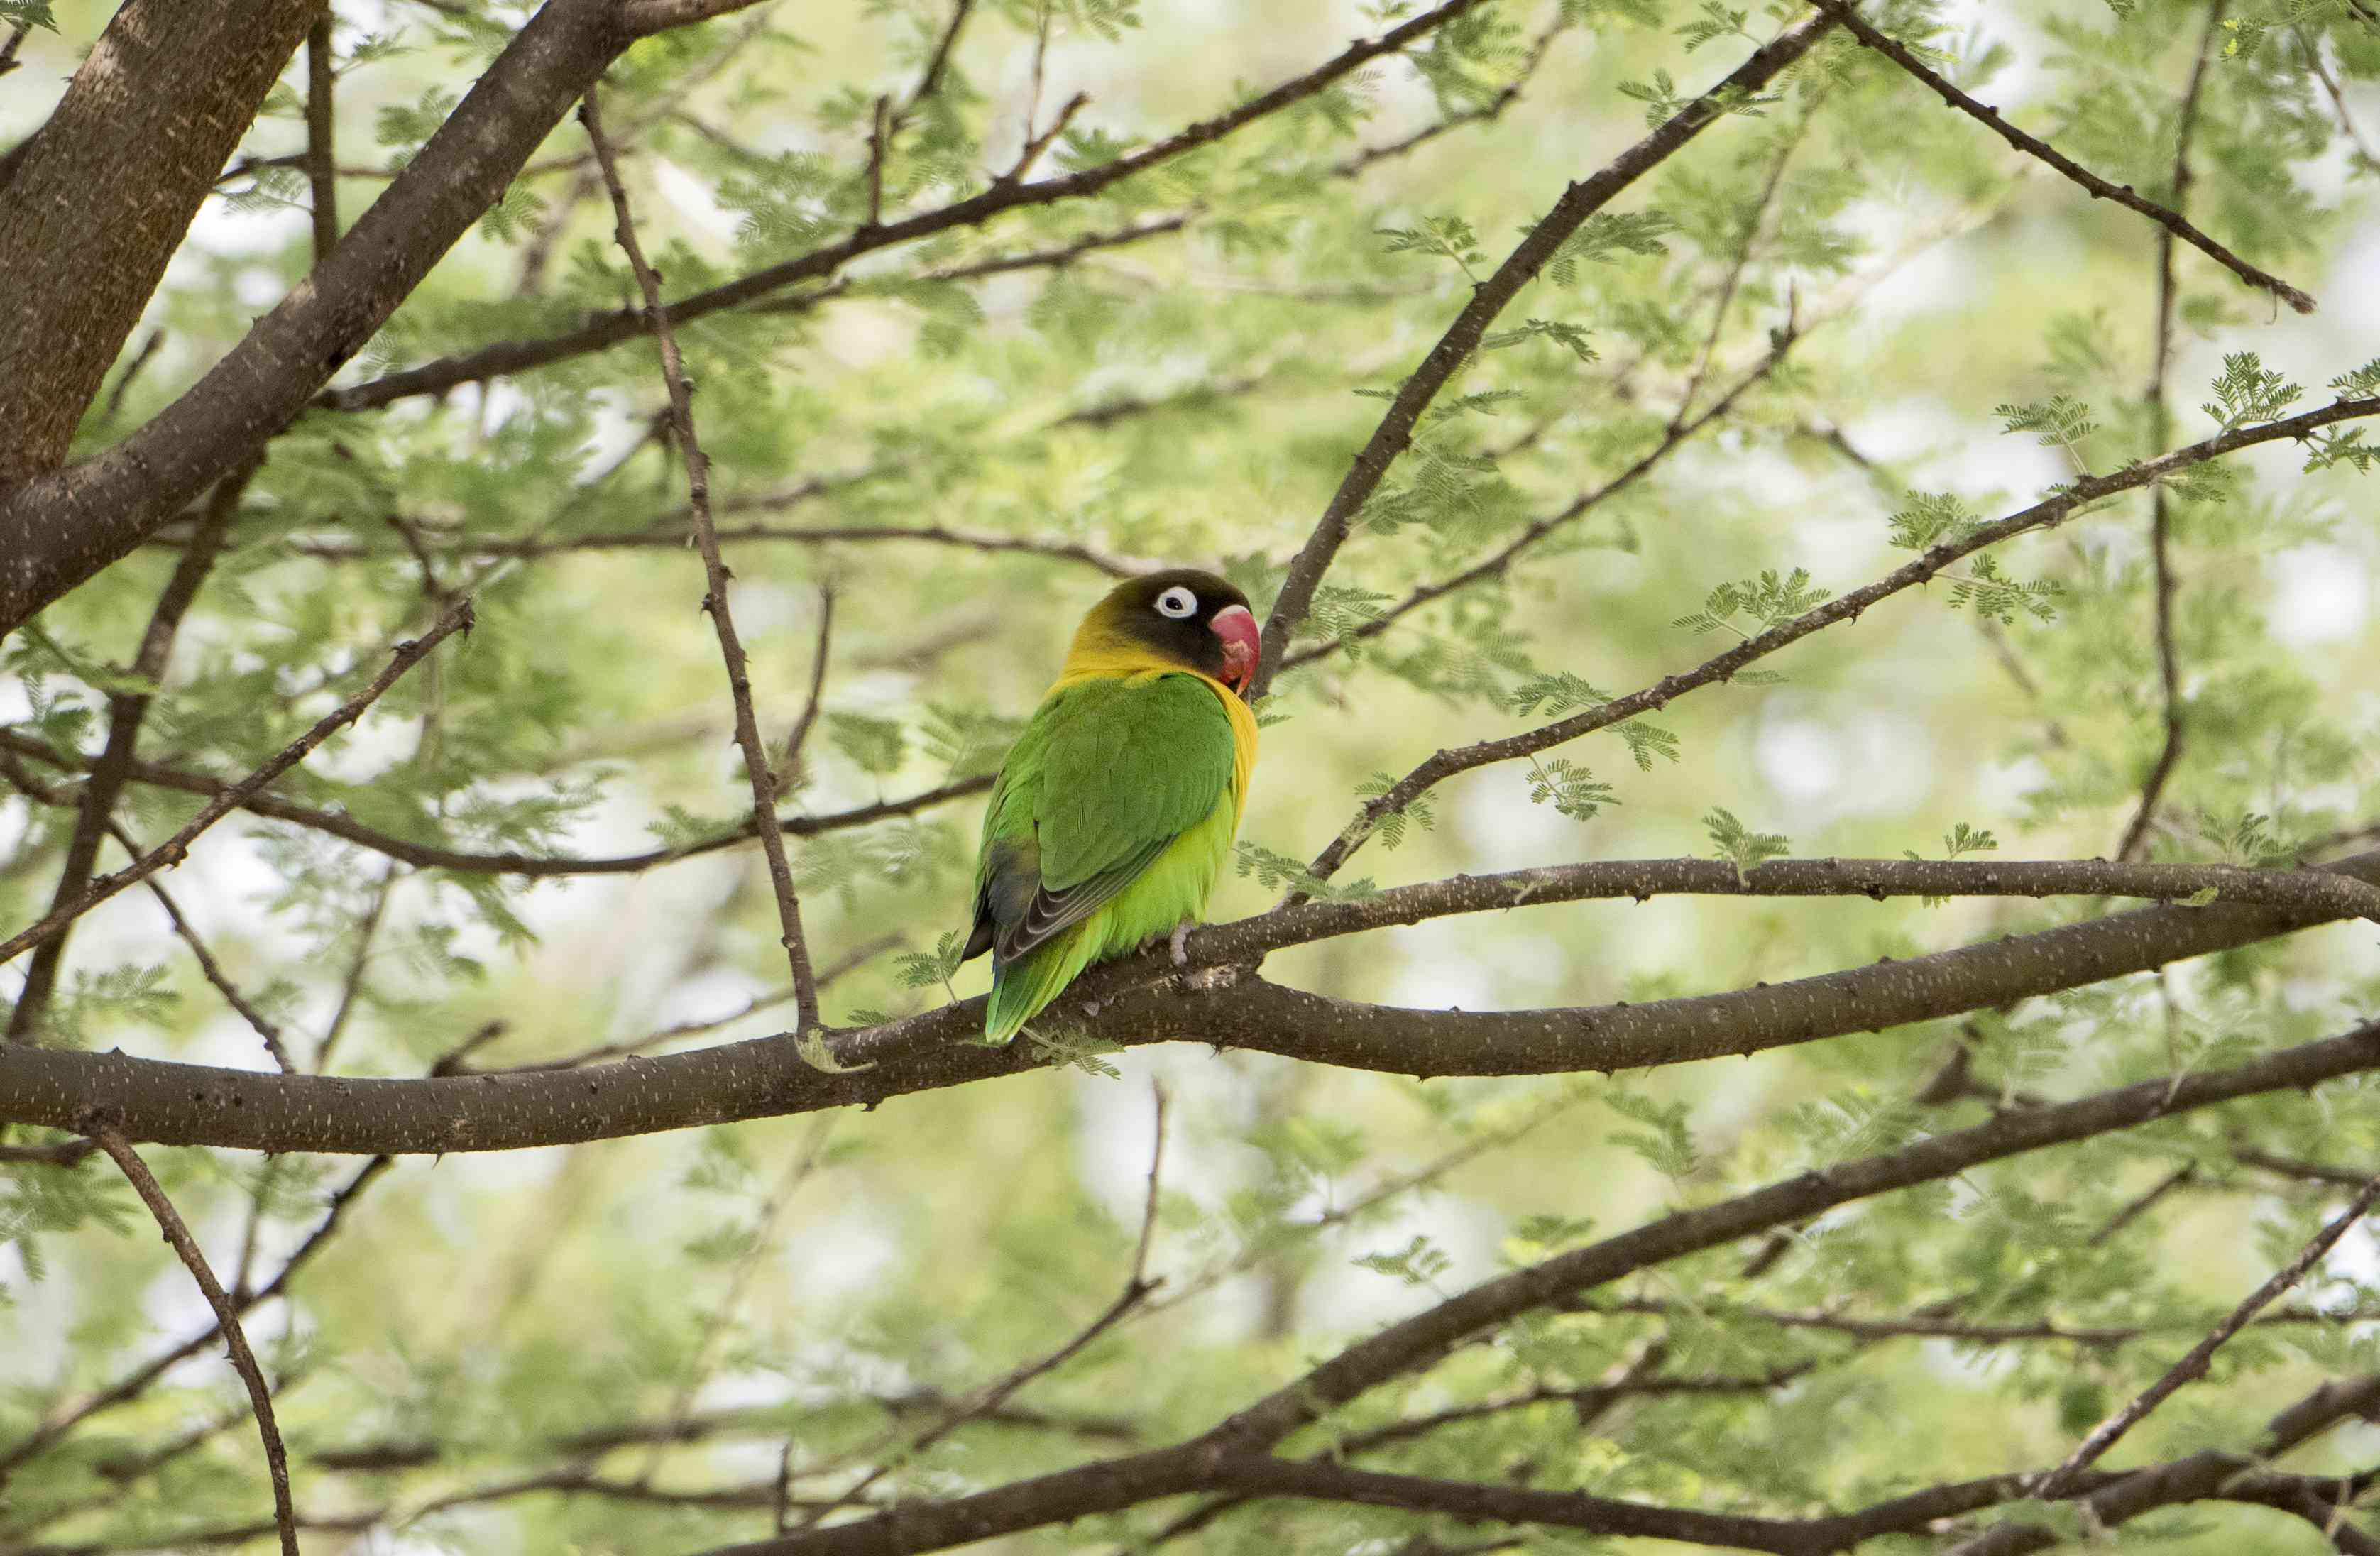 Endemic yellow-collared lovebird in Tanzania